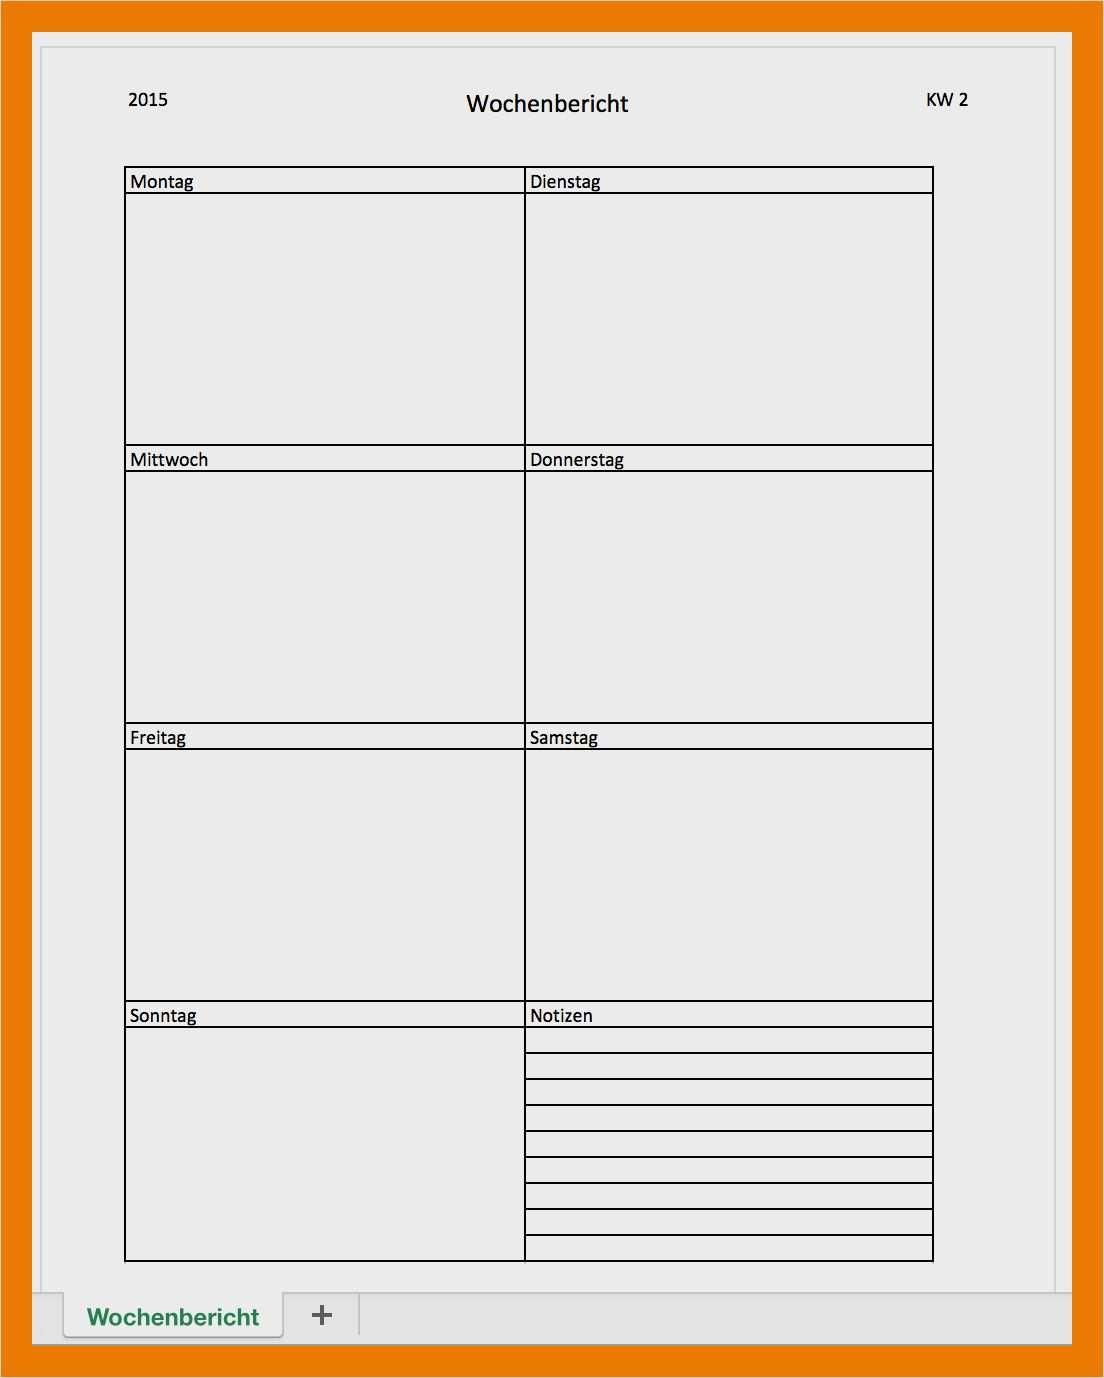 Genial Wochenbericht Praktikum Vorlage Sie Konnen Einstellen Fur Ihre Ideen Sammeln Vorlagen Ideen Sammeln